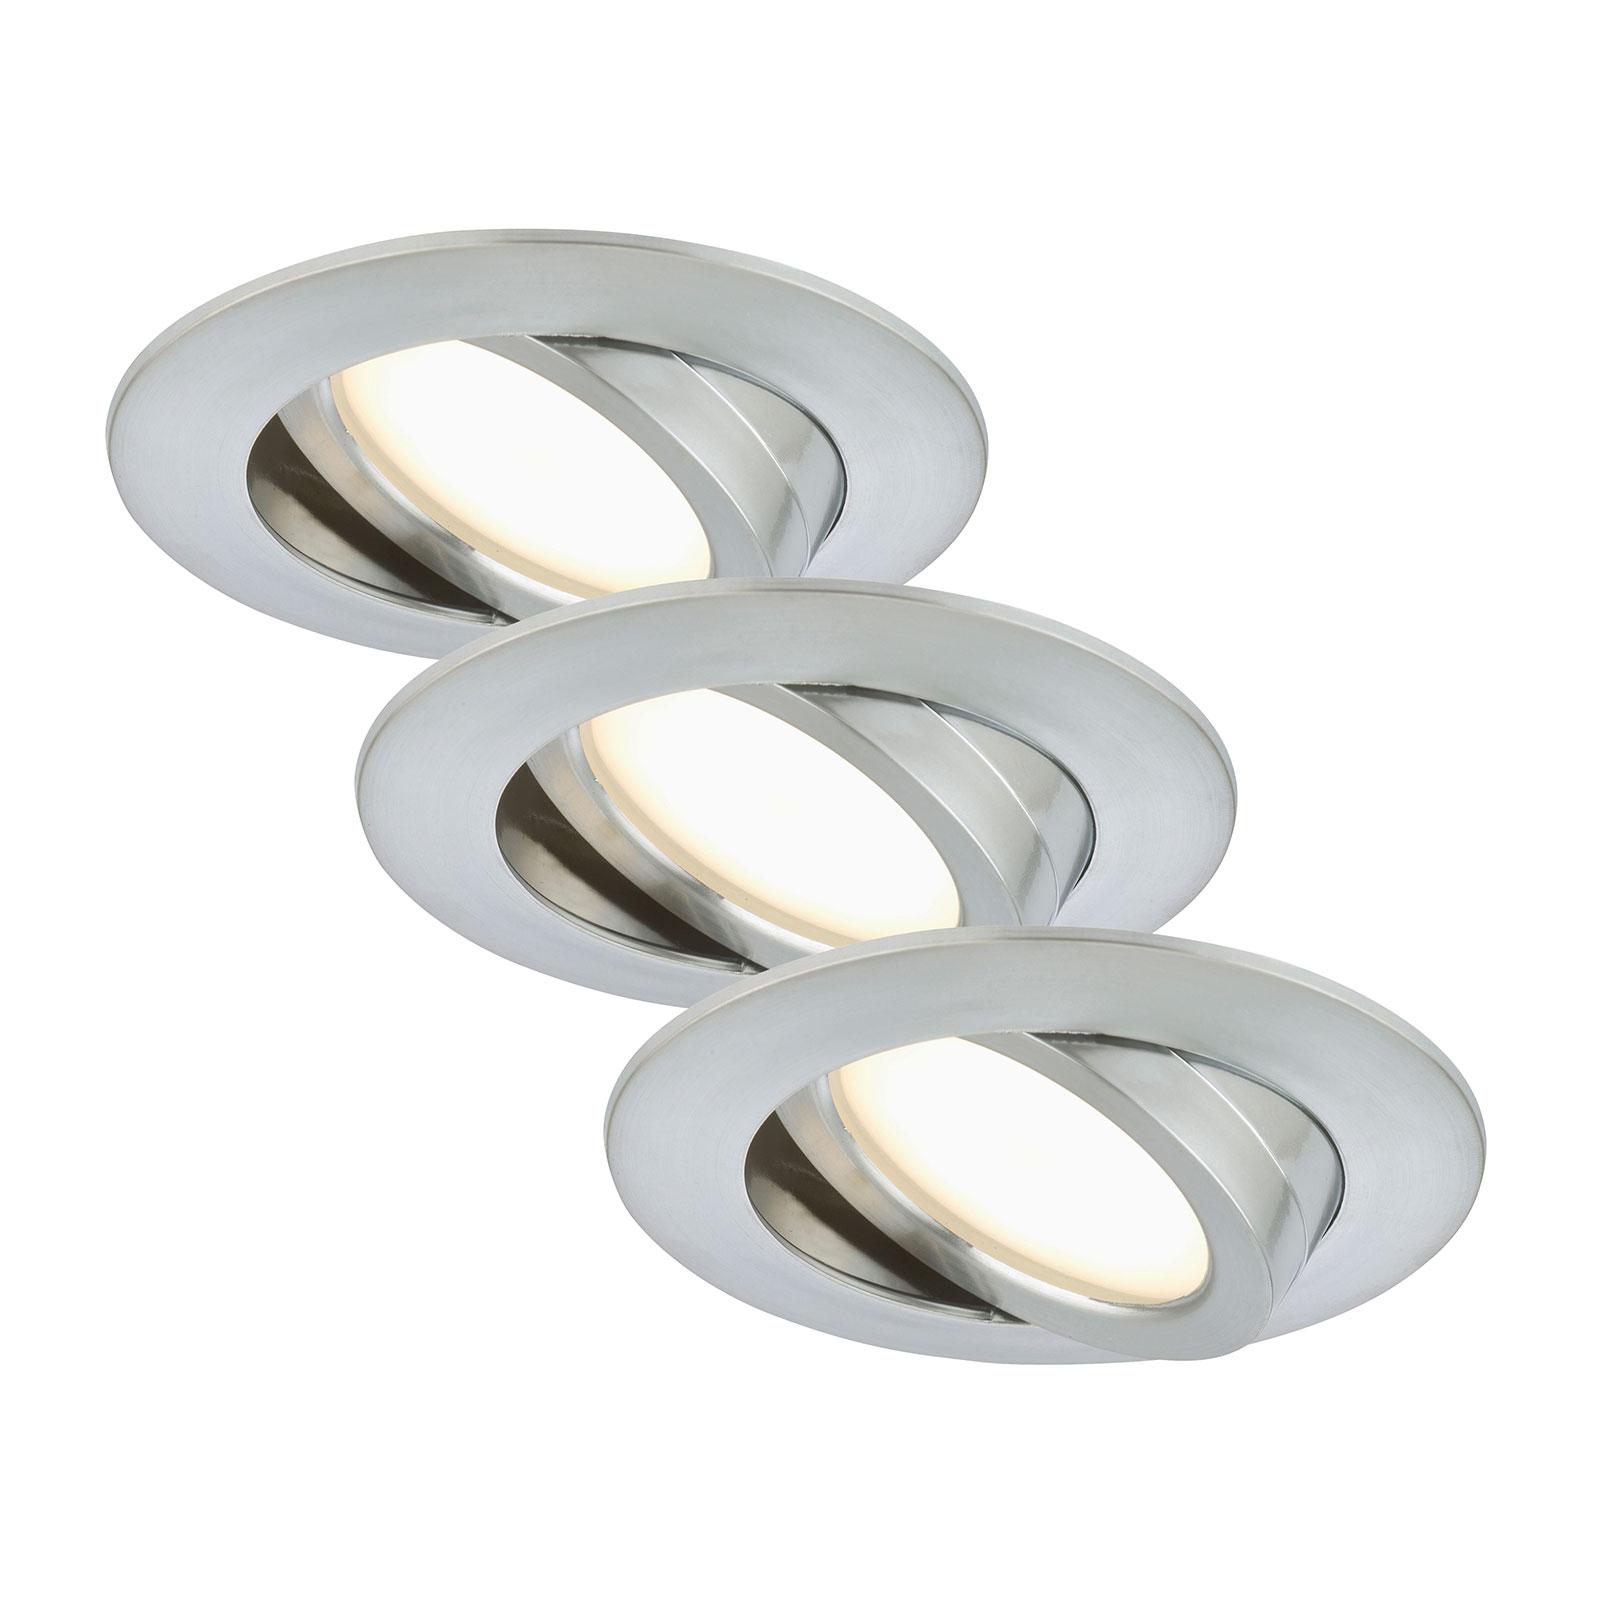 Sada troch – zapustené LED svetlá Bert, otočné_1510329_1